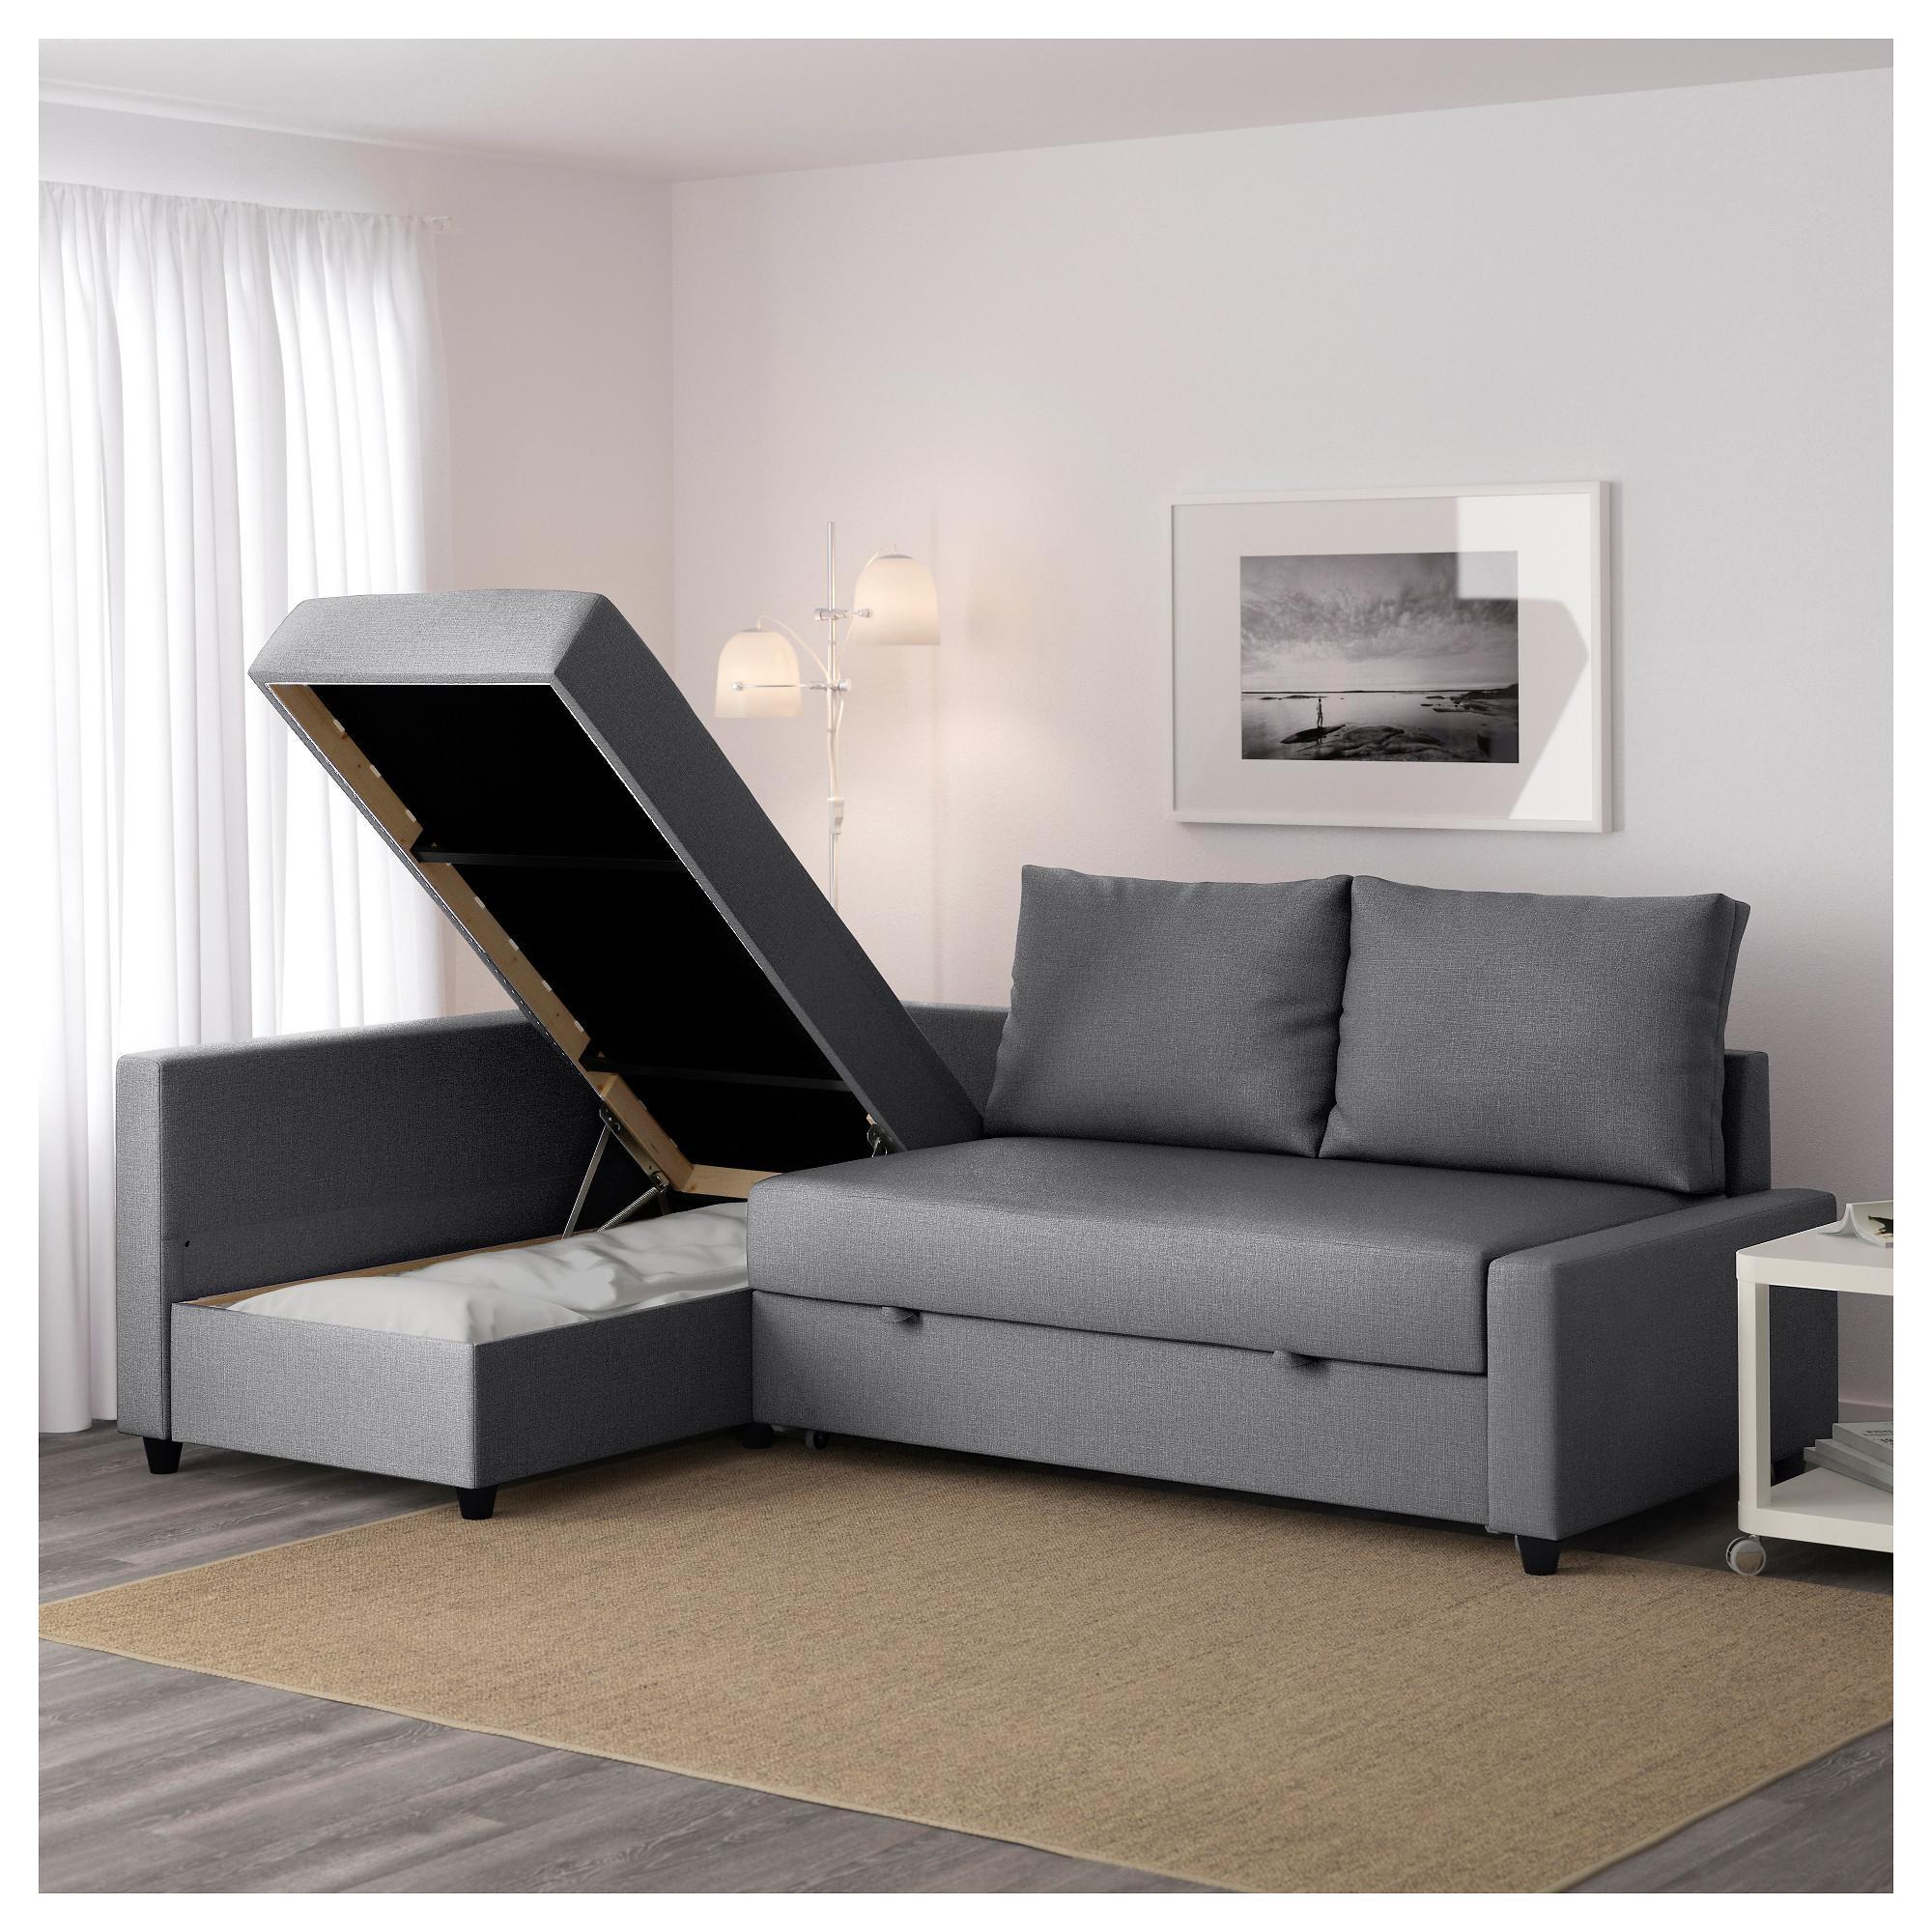 Ikea Sofa Bed With Storage: 20 Top Storage Sofa Ikea